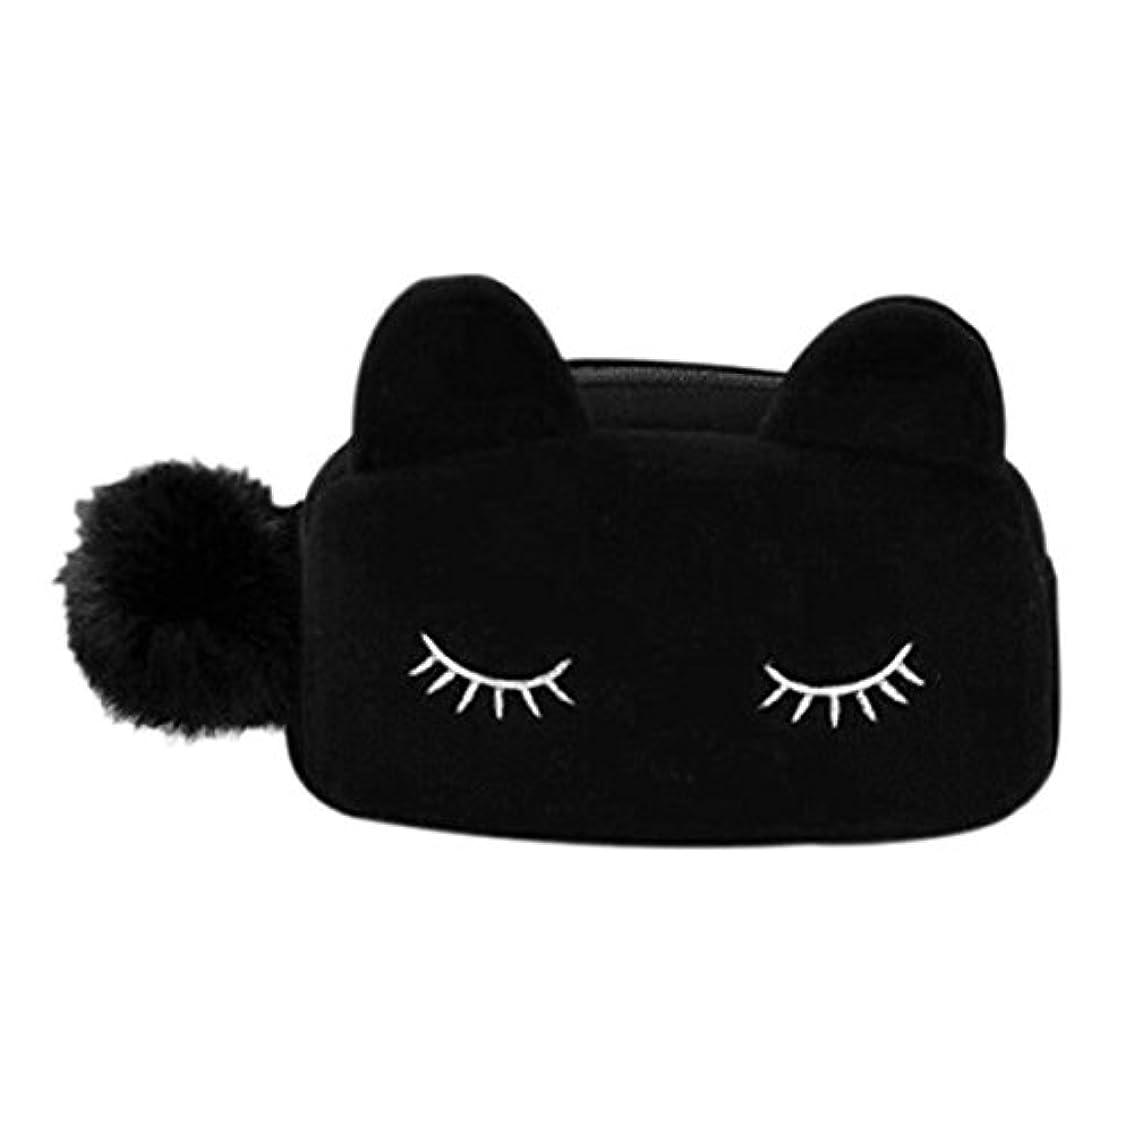 安全性半球悪意のある猫 化粧ポーチ バニティベロア ポンポン付き ブラック